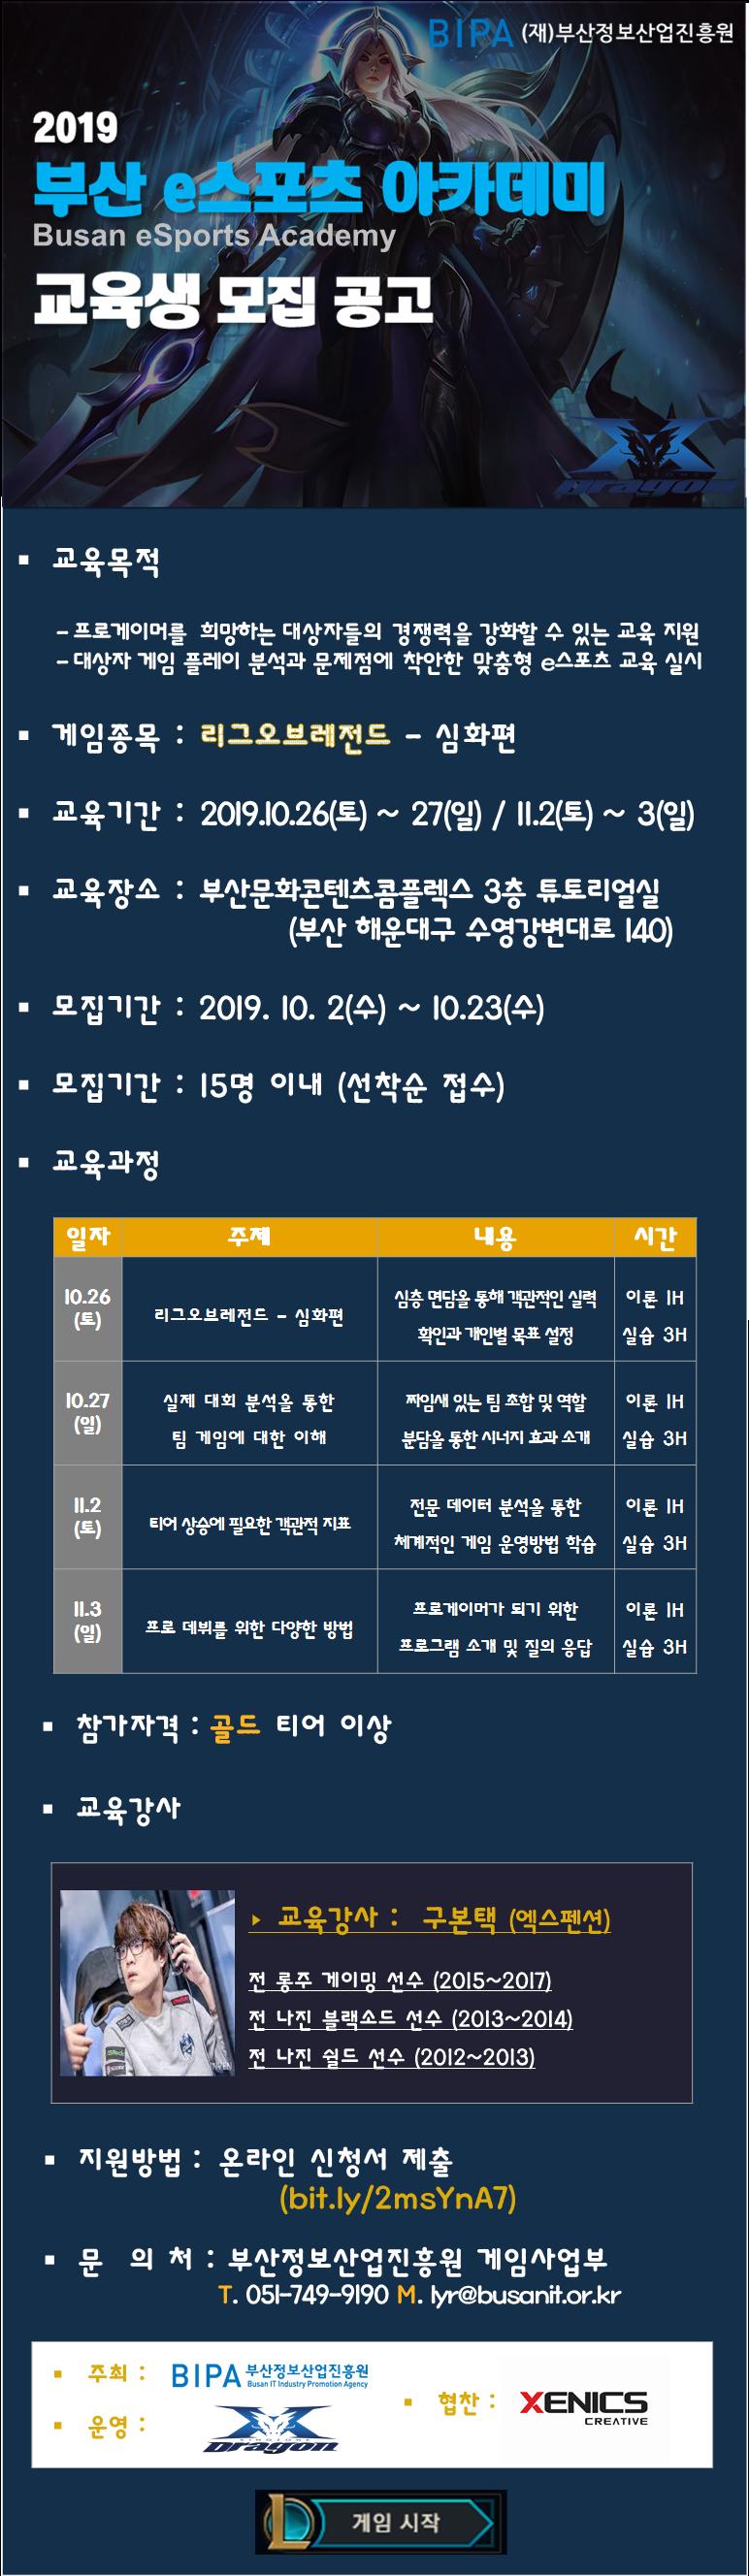 부산 e스포츠 아카데미(3회차) 수강생 모집 공고